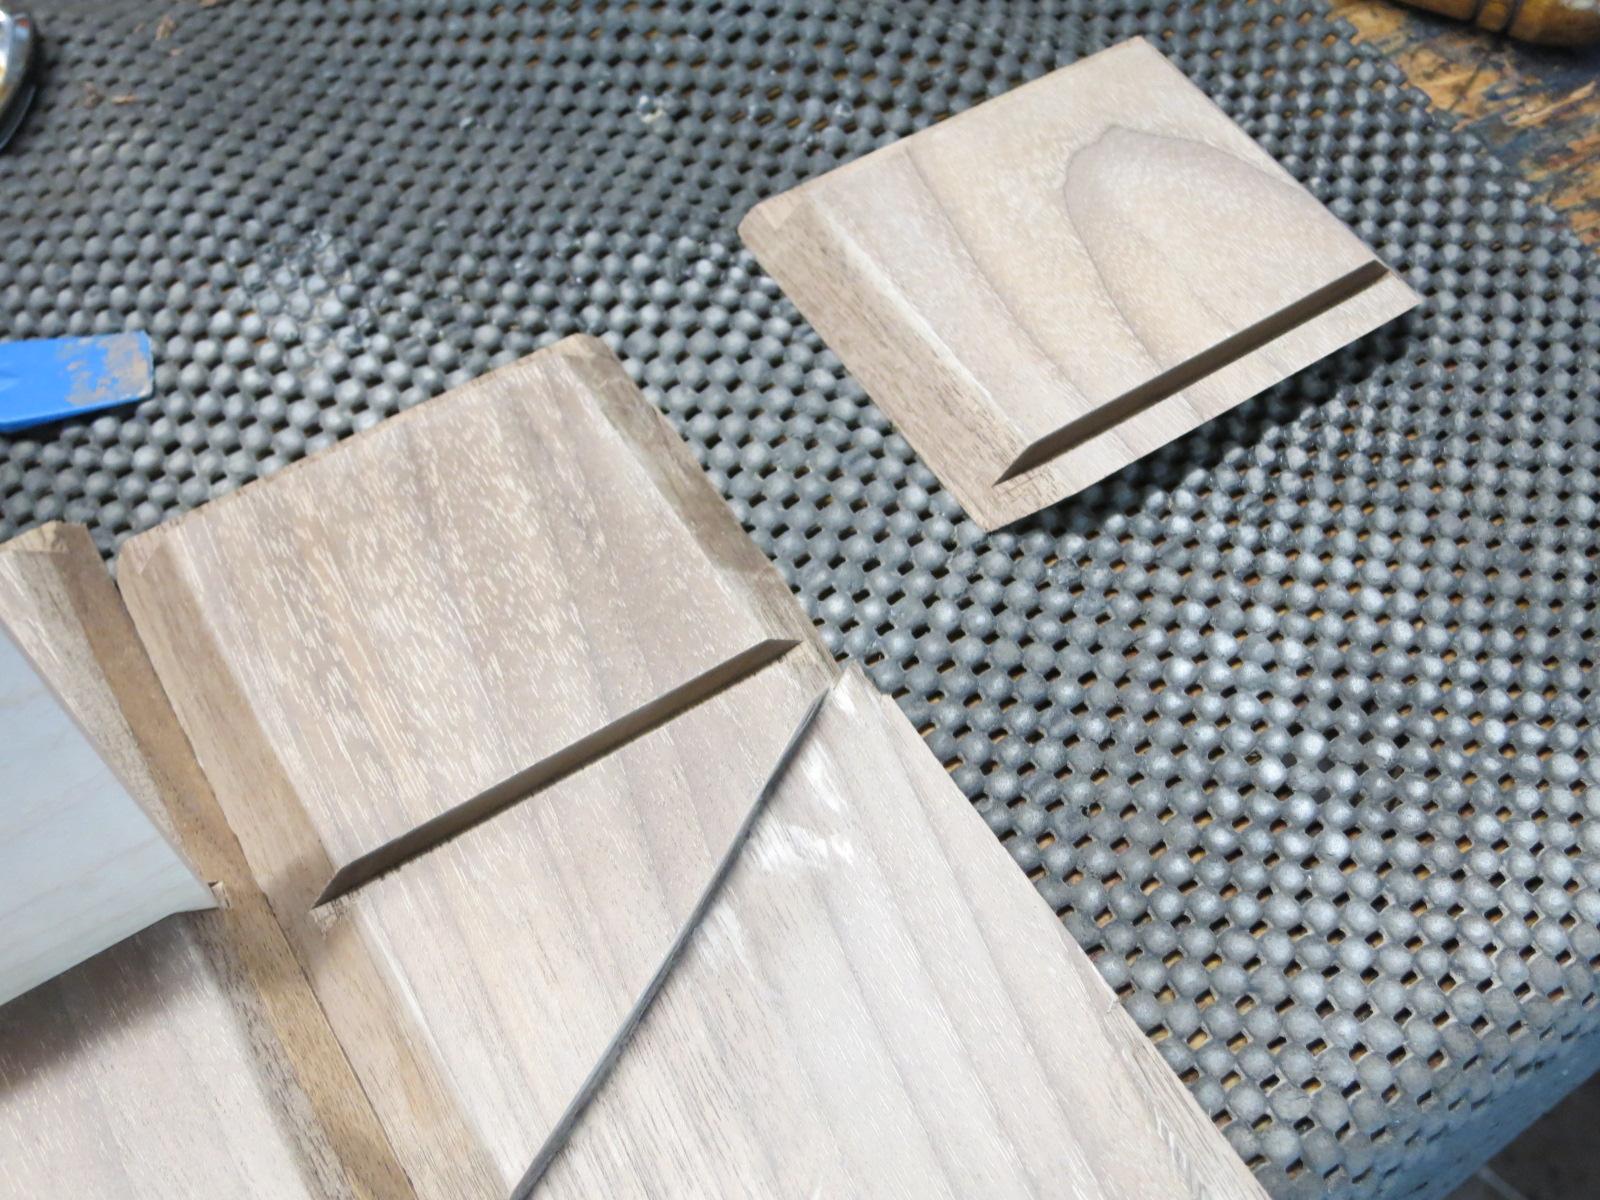 Picture of Splines